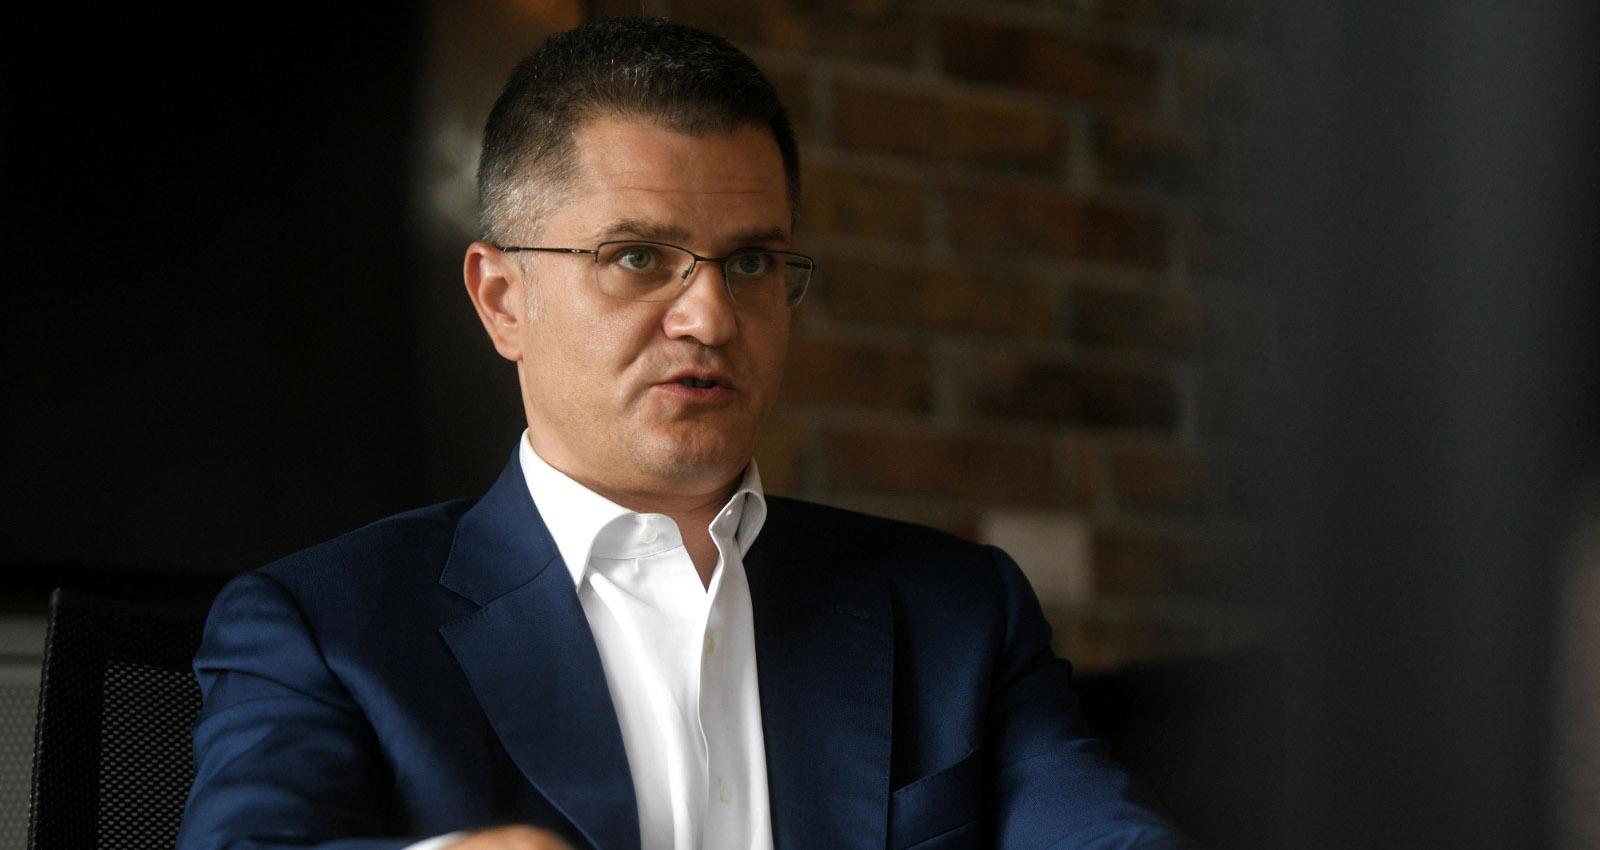 Јеремић за Нова.рс: Власт ће подстицати људе попут Ћуте да критикују опозицију